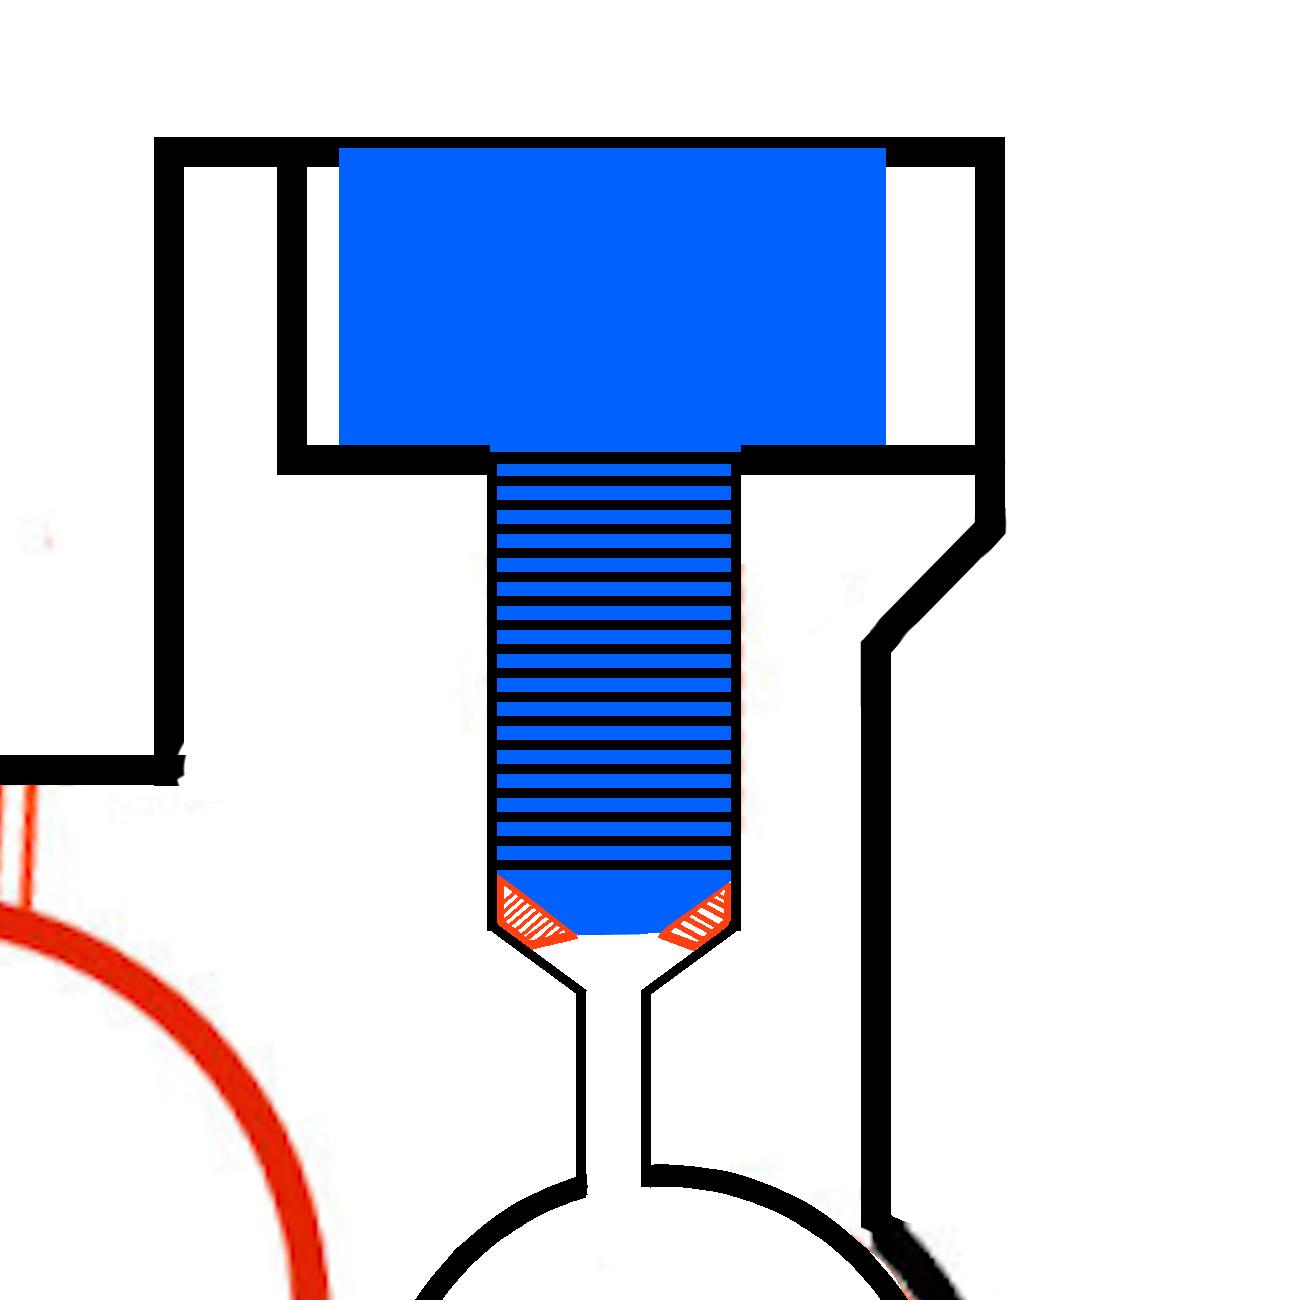 金属加工の性質から考察する、究極のレリーズシリンダーのエア抜き